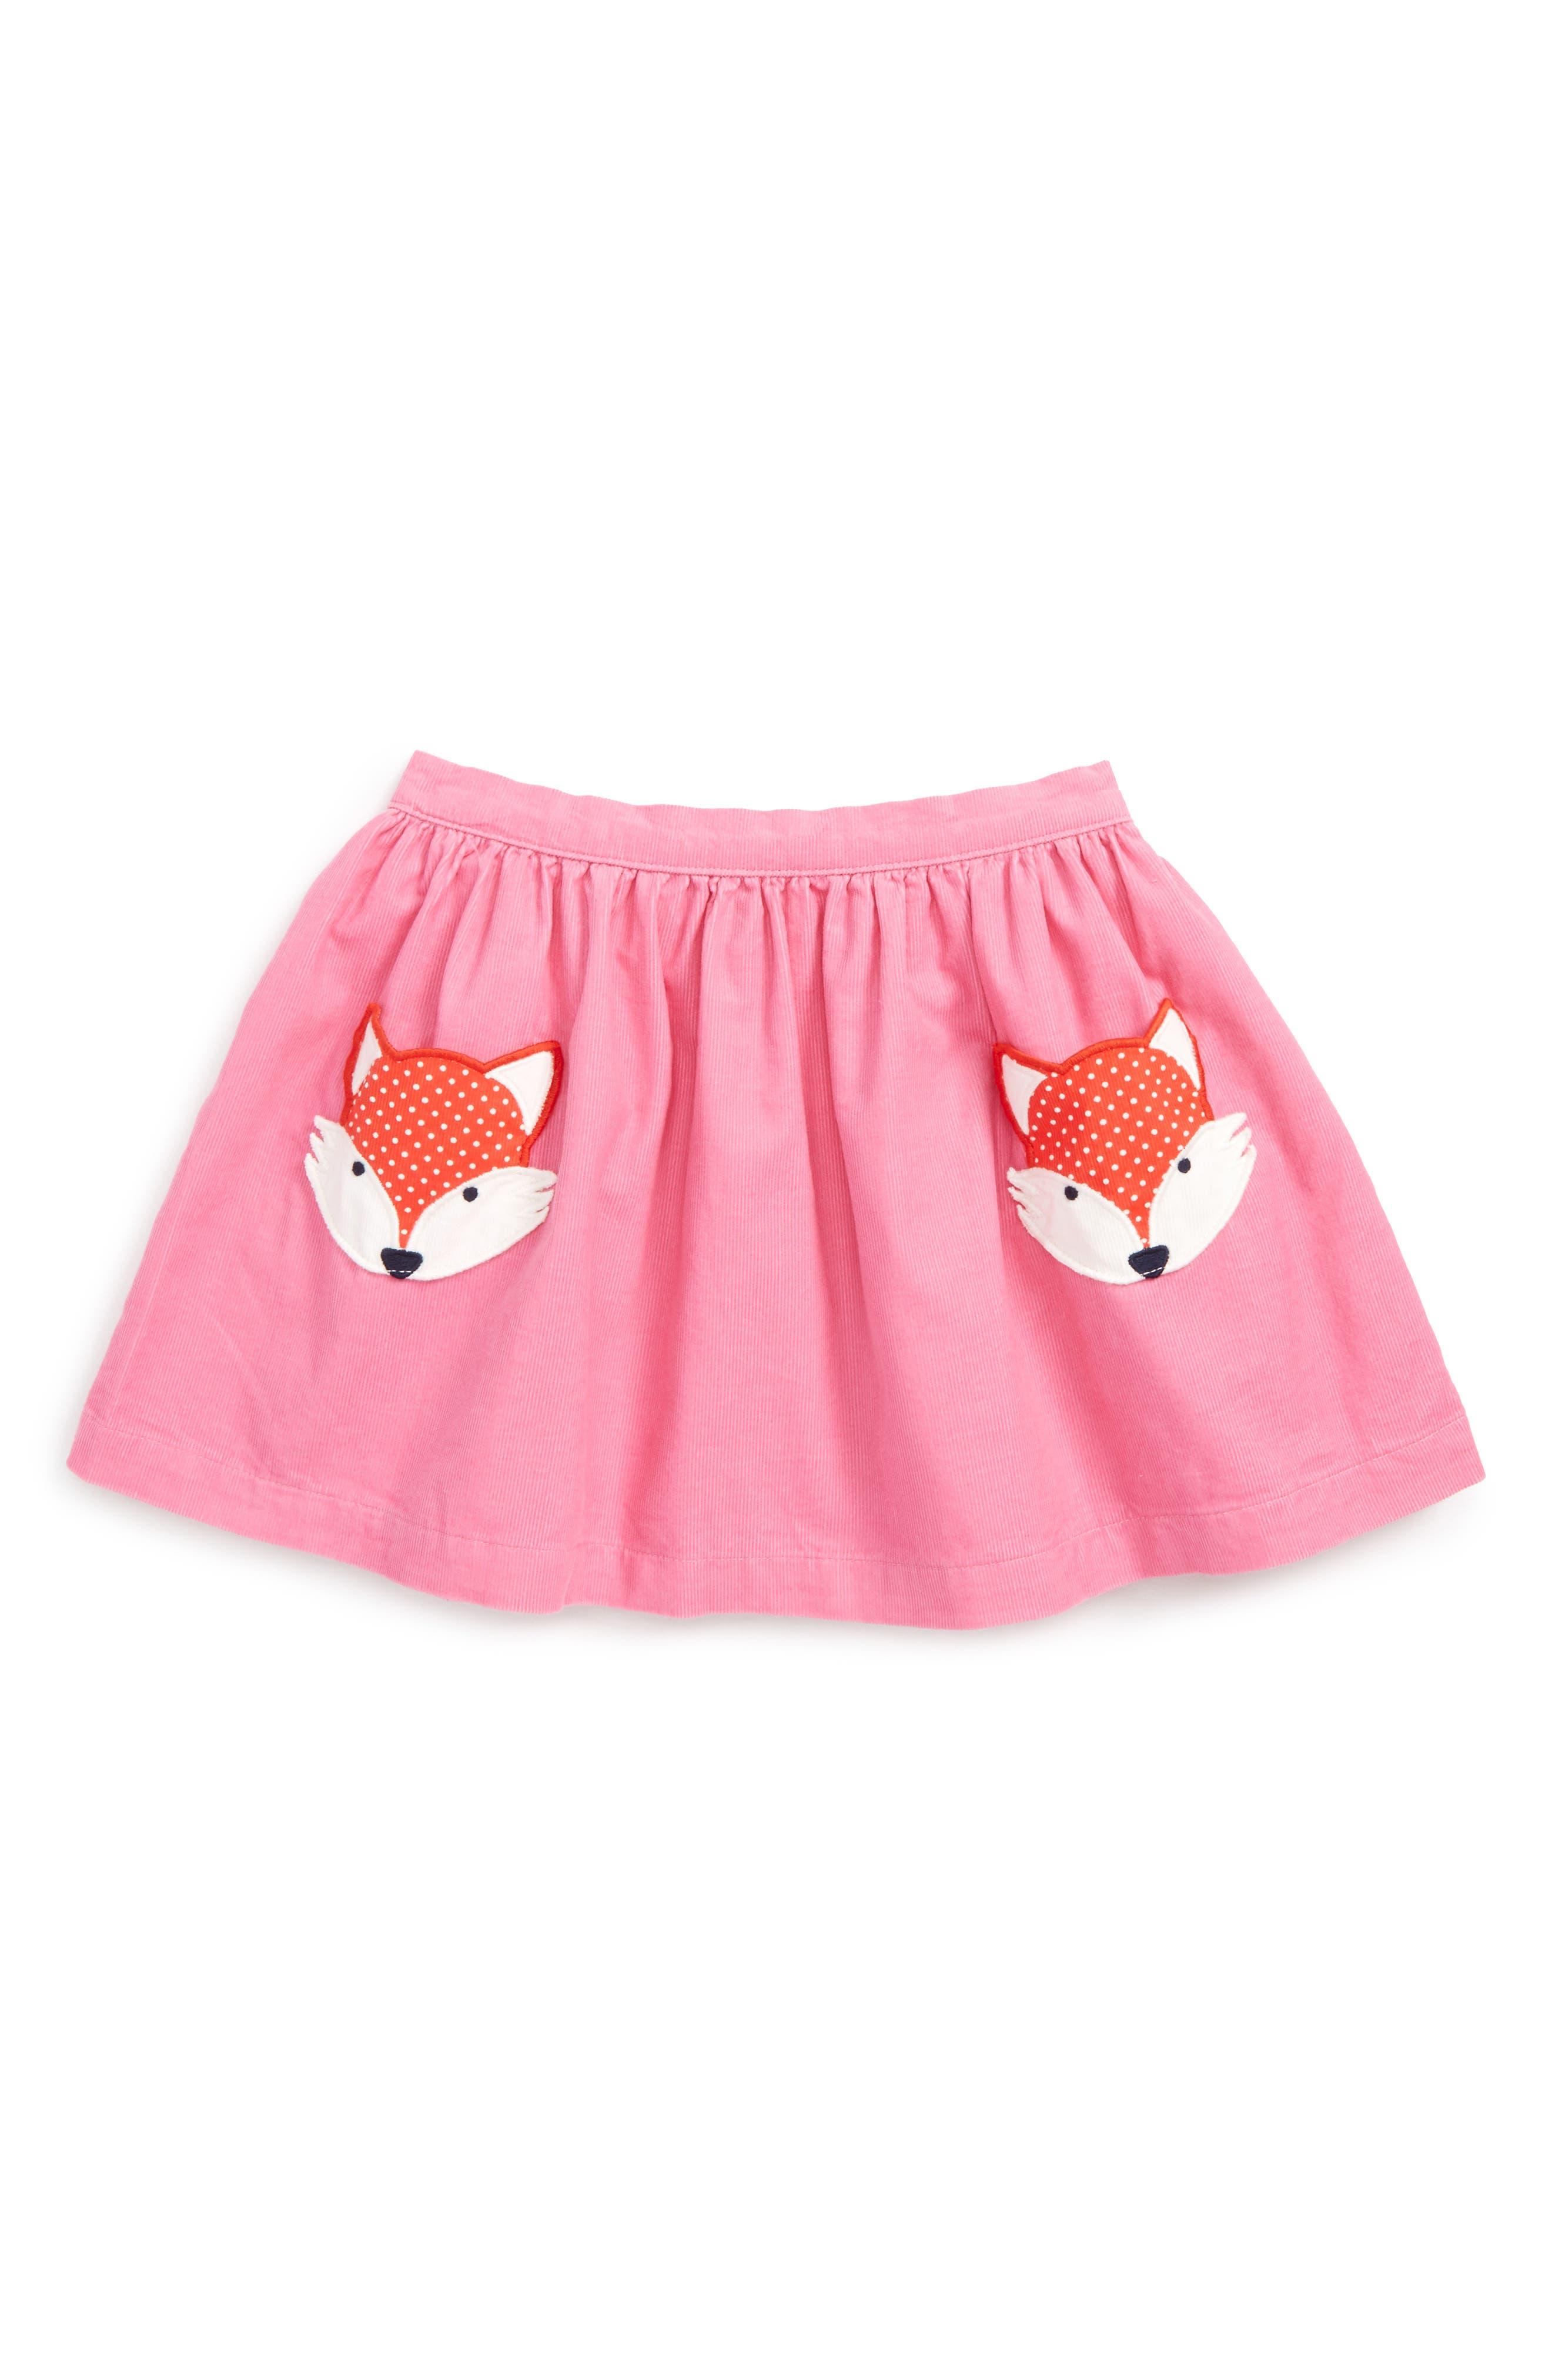 Alternate Image 1 Selected - Mini Boden Animal Pocket Corduroy Skirt (Toddler Girls, Little Girls & Big Girls)